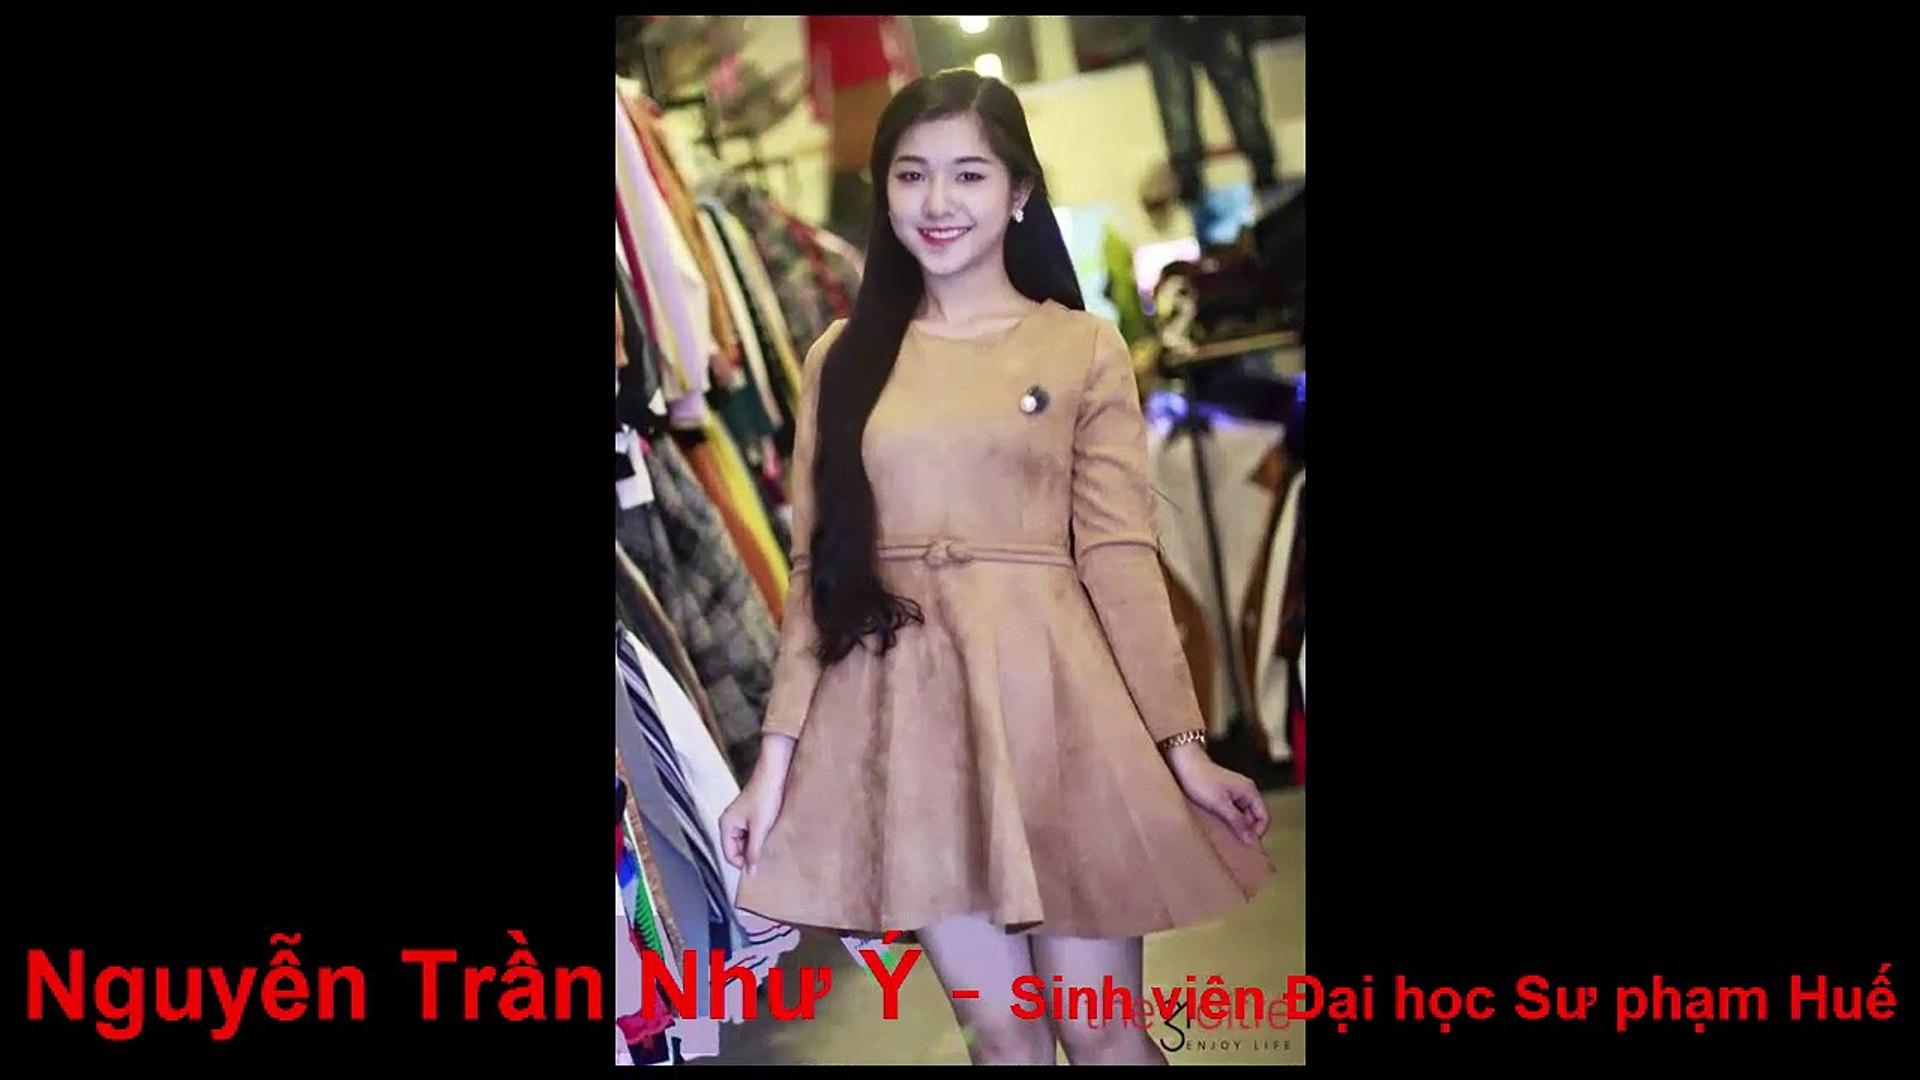 Nguyễn Trần Như Ý - Sinh viên Đại học Sư phạm Huế